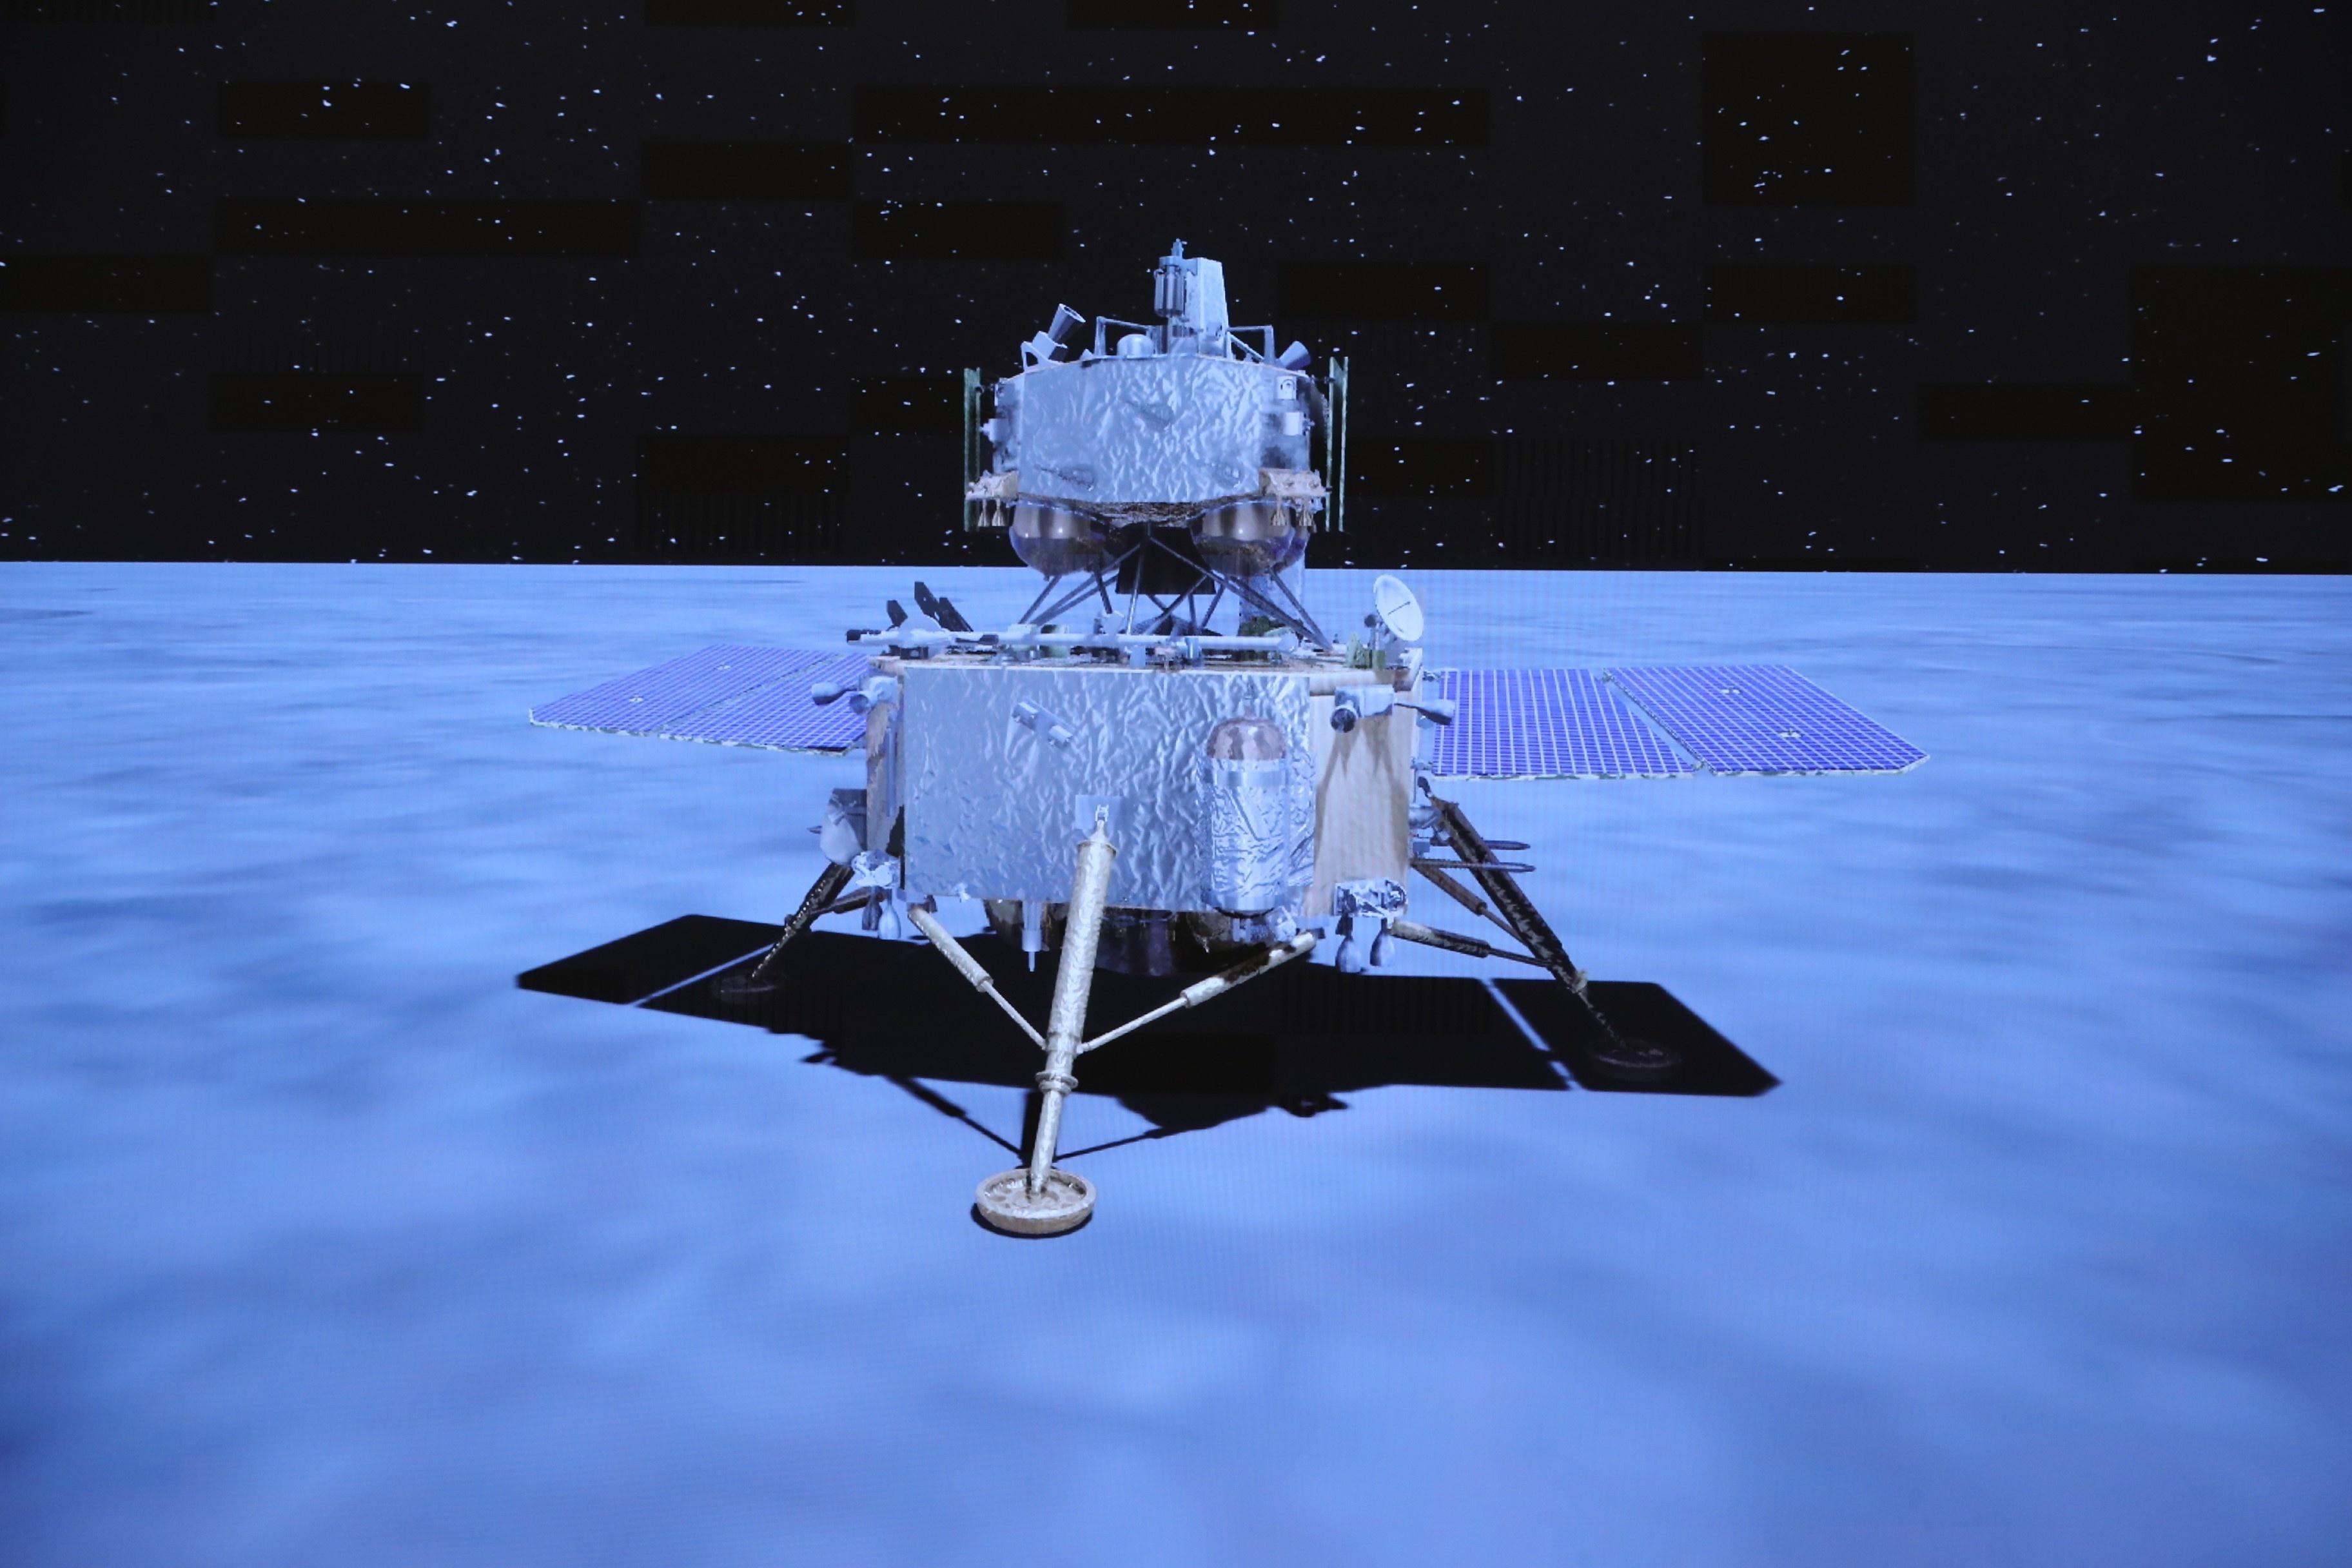 اهداف چین برای نمونه برداری از فضا